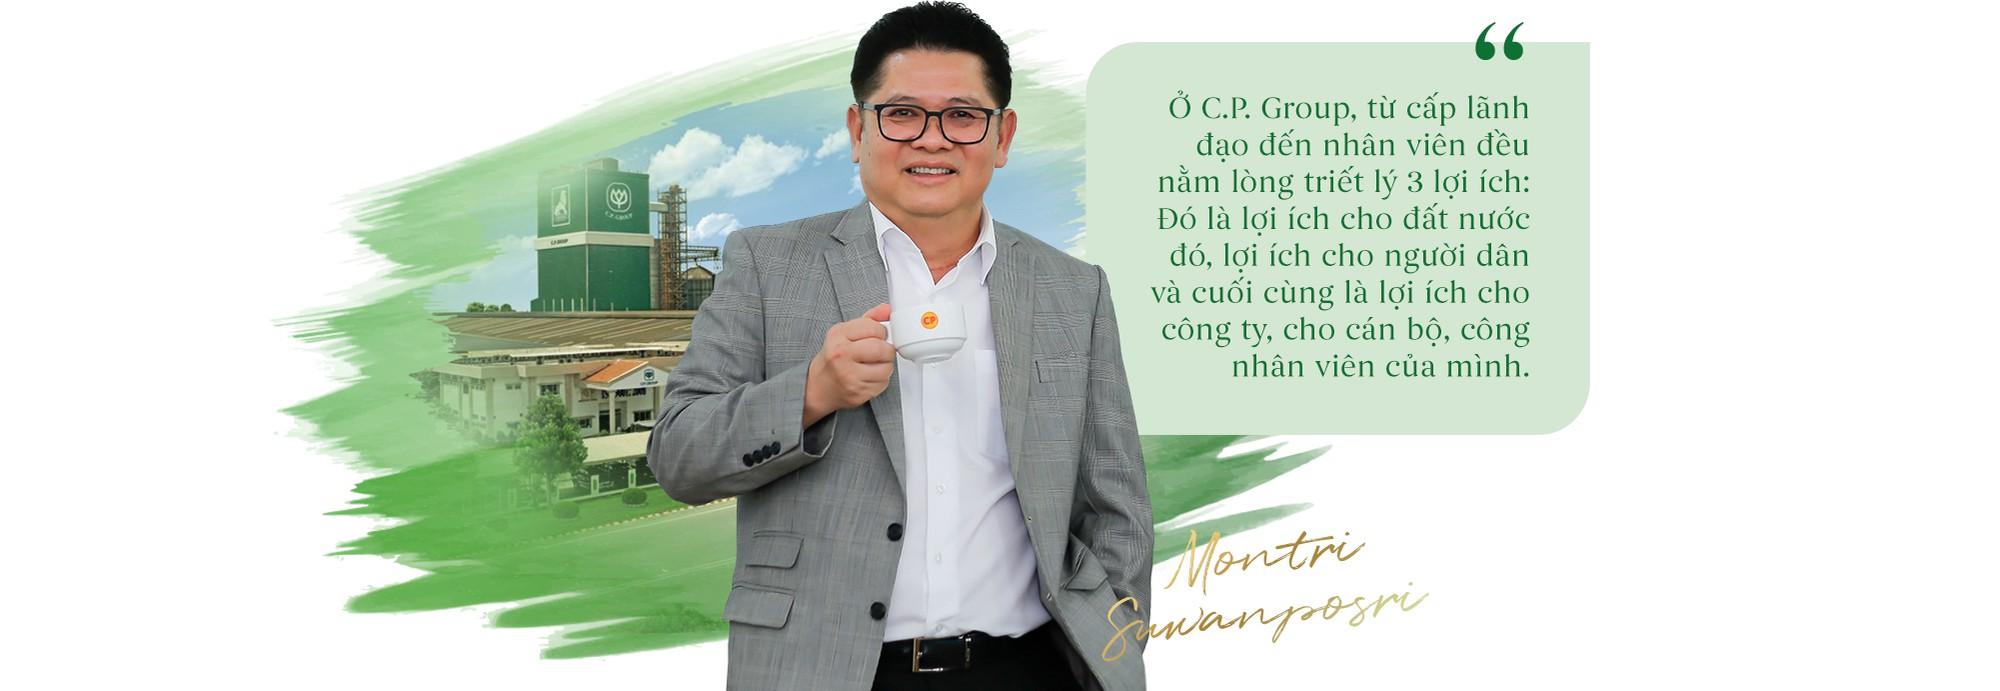 """CEO C.P. Việt Nam: """"Thông điệp của chúng tôi là Đền ơn Tổ quốc Việt Nam"""" - Ảnh 8."""